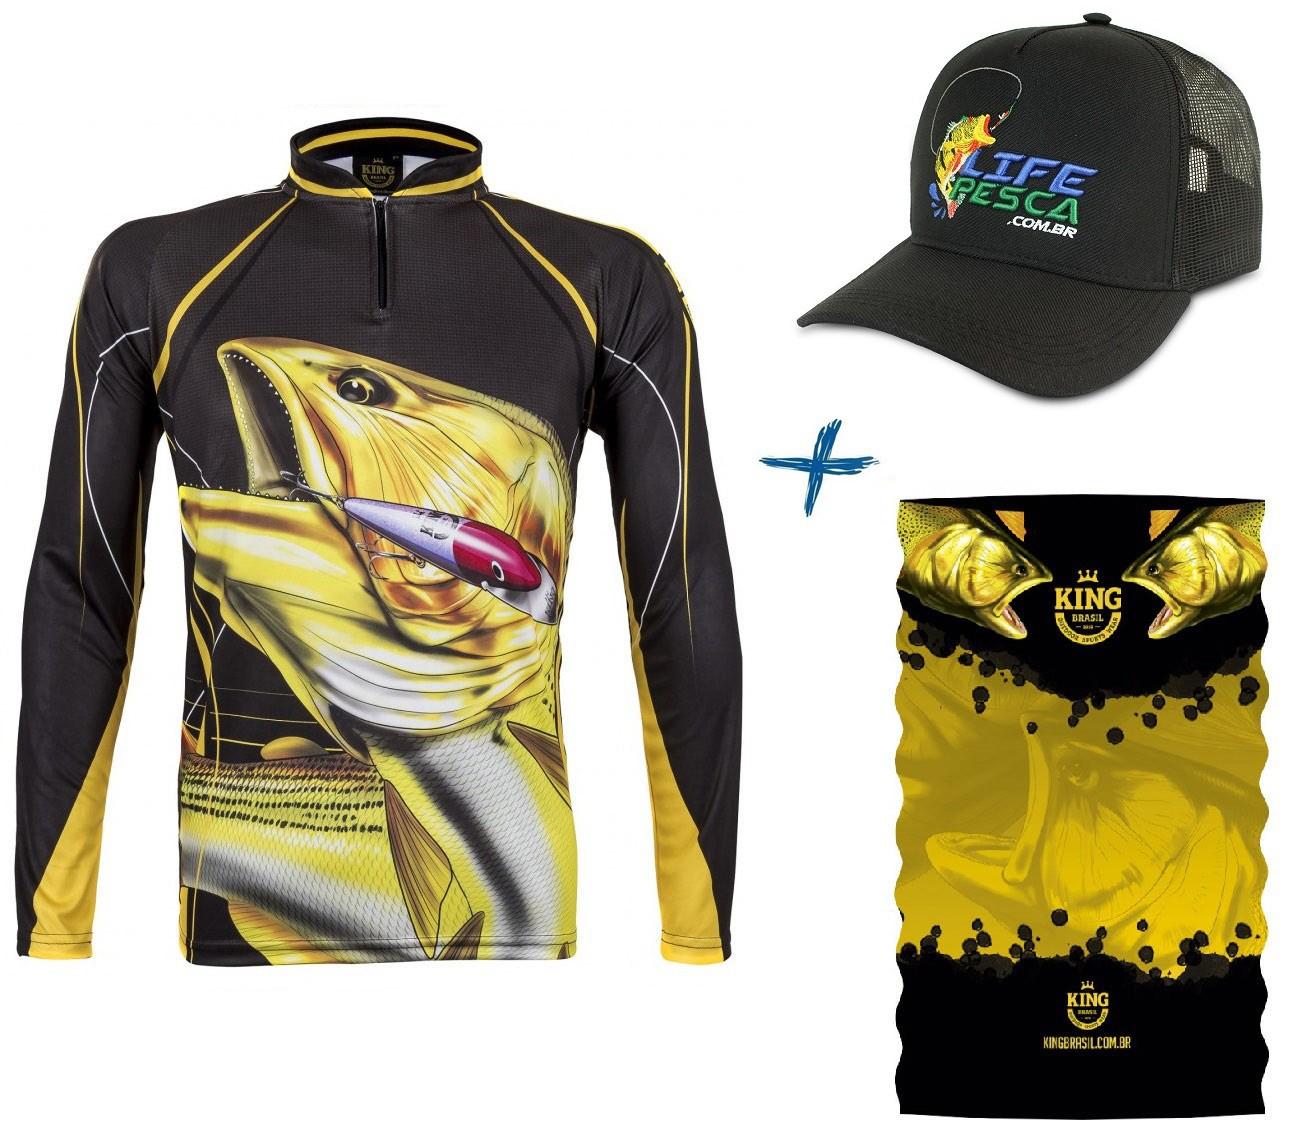 Camiseta De Pesca King Proteção Solar Uv Atack 02 Dourado + Bandana + Boné